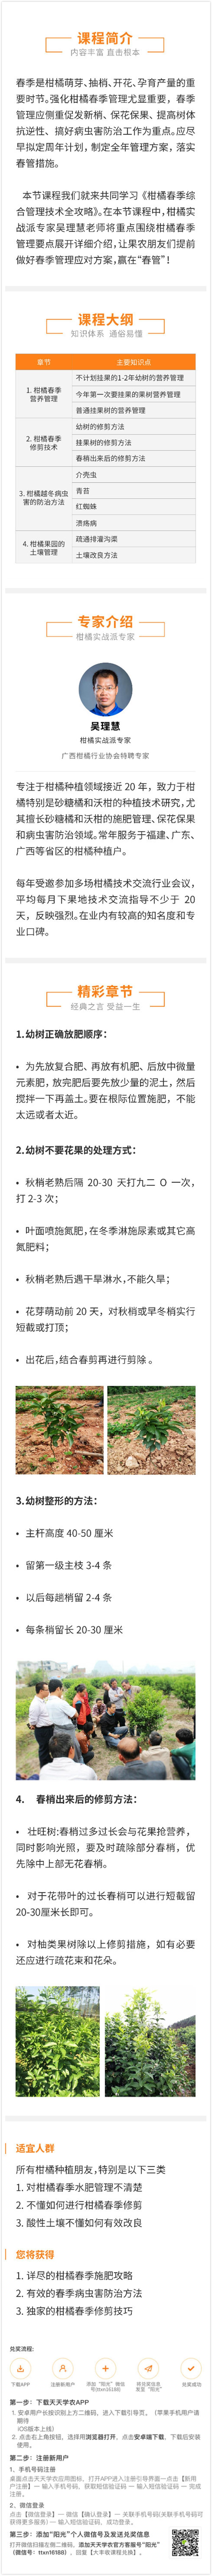 柑橘春季综合管理技术全攻略课程.jpg